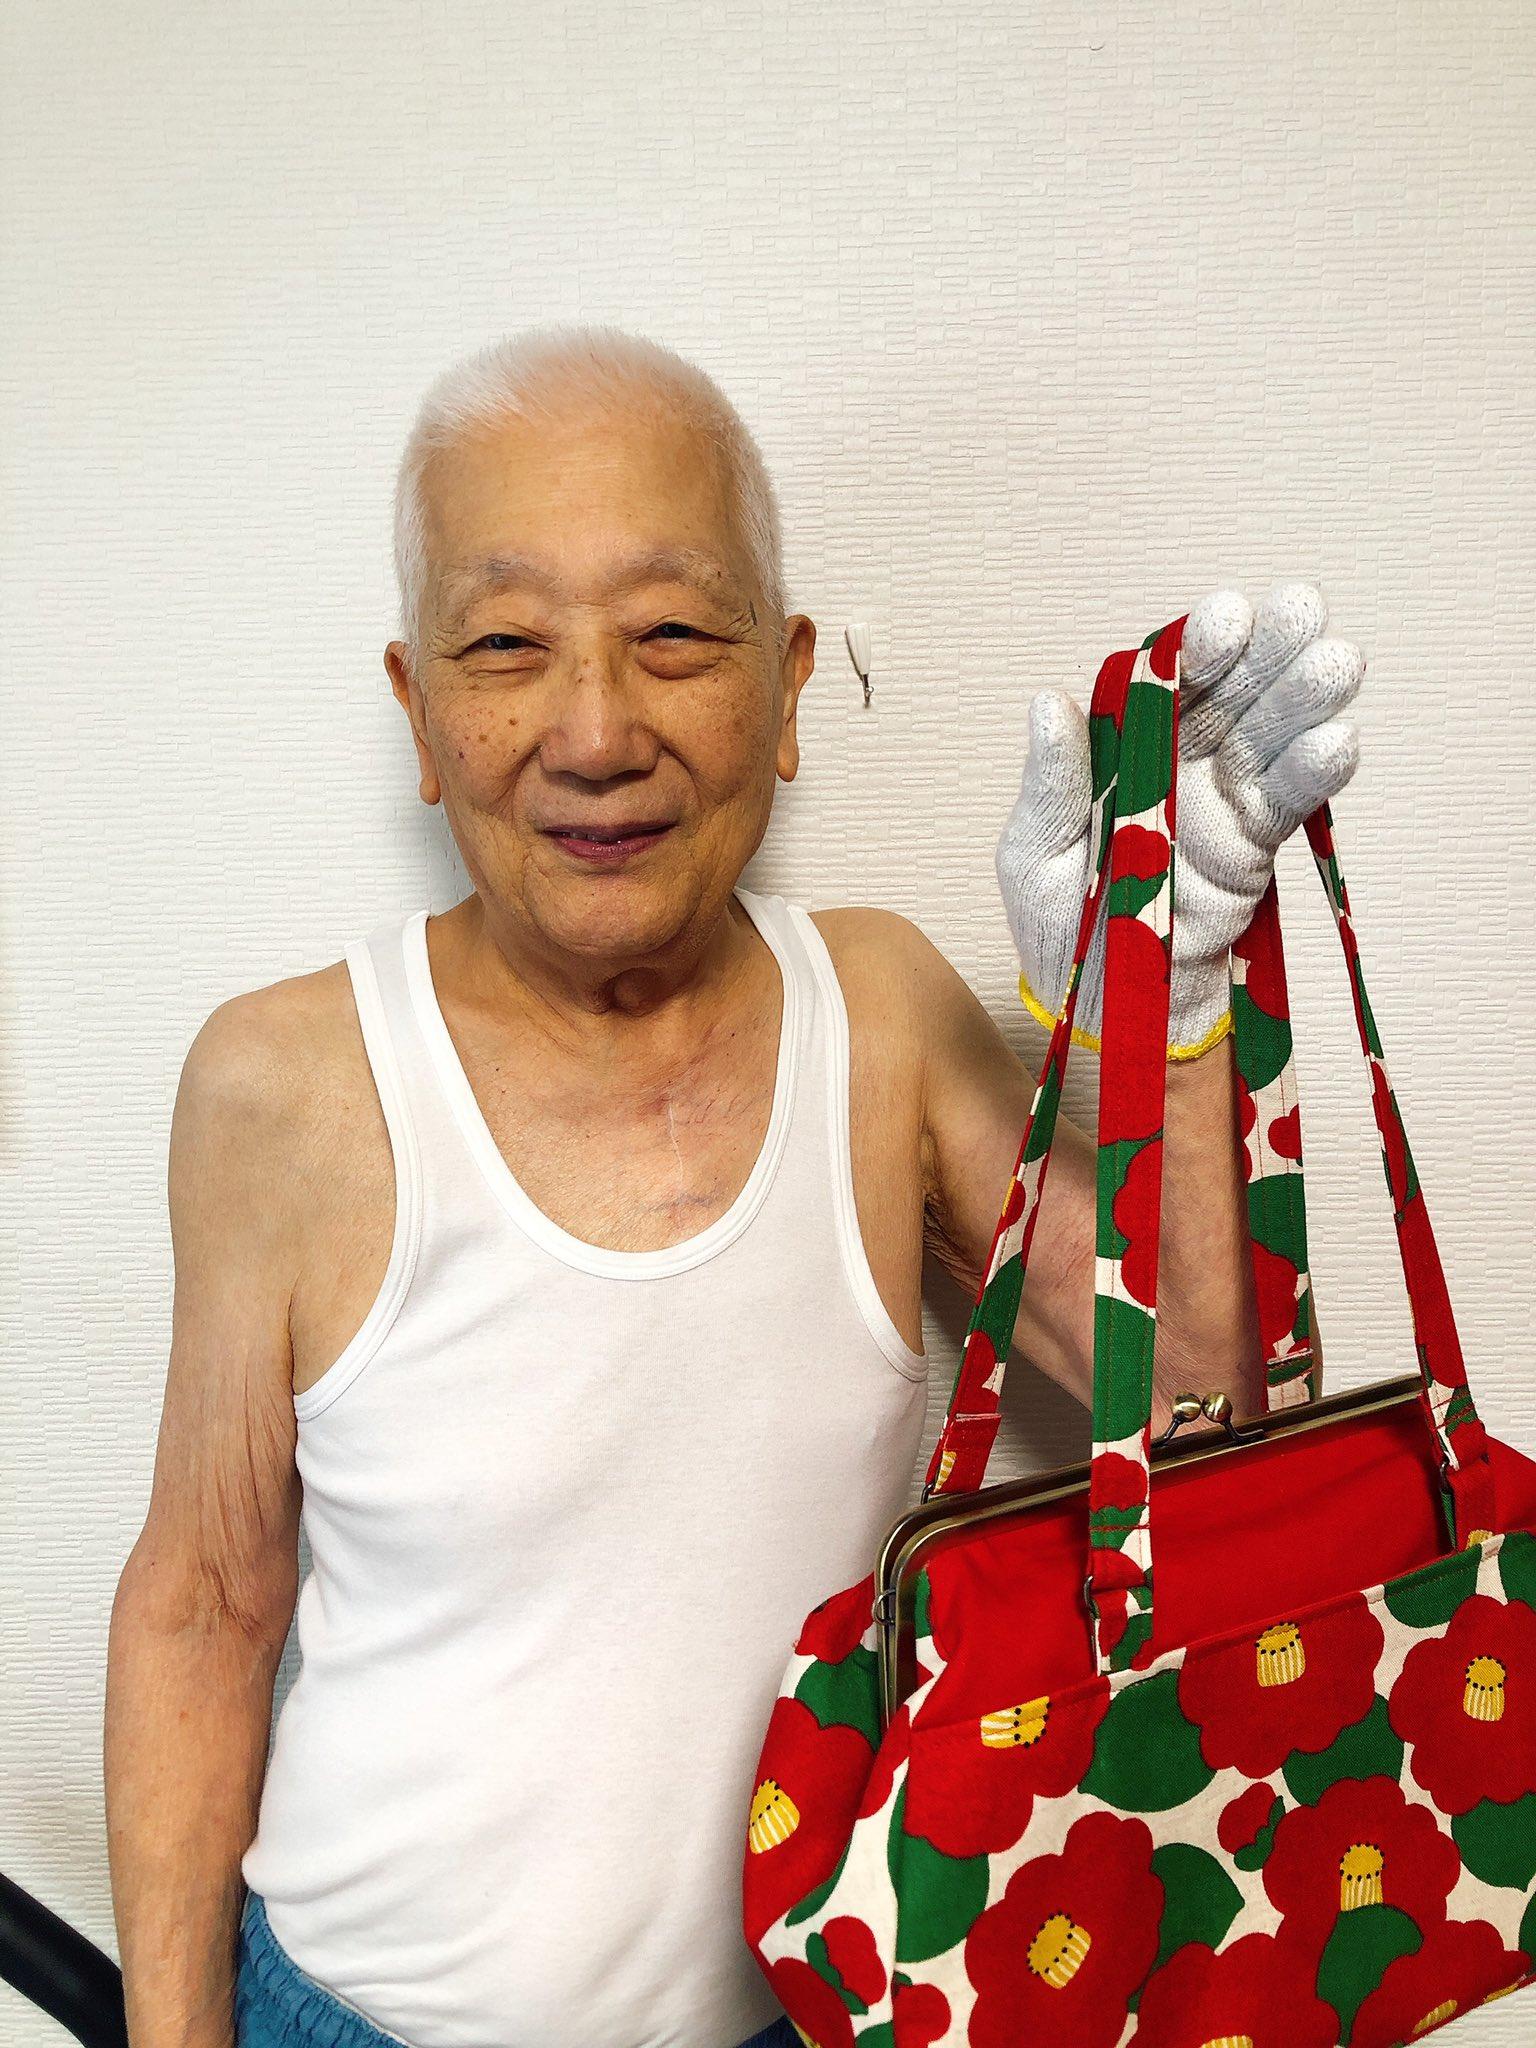 「minneで販売中」83歳で裁縫デビュー・人気のがま口職人さん!